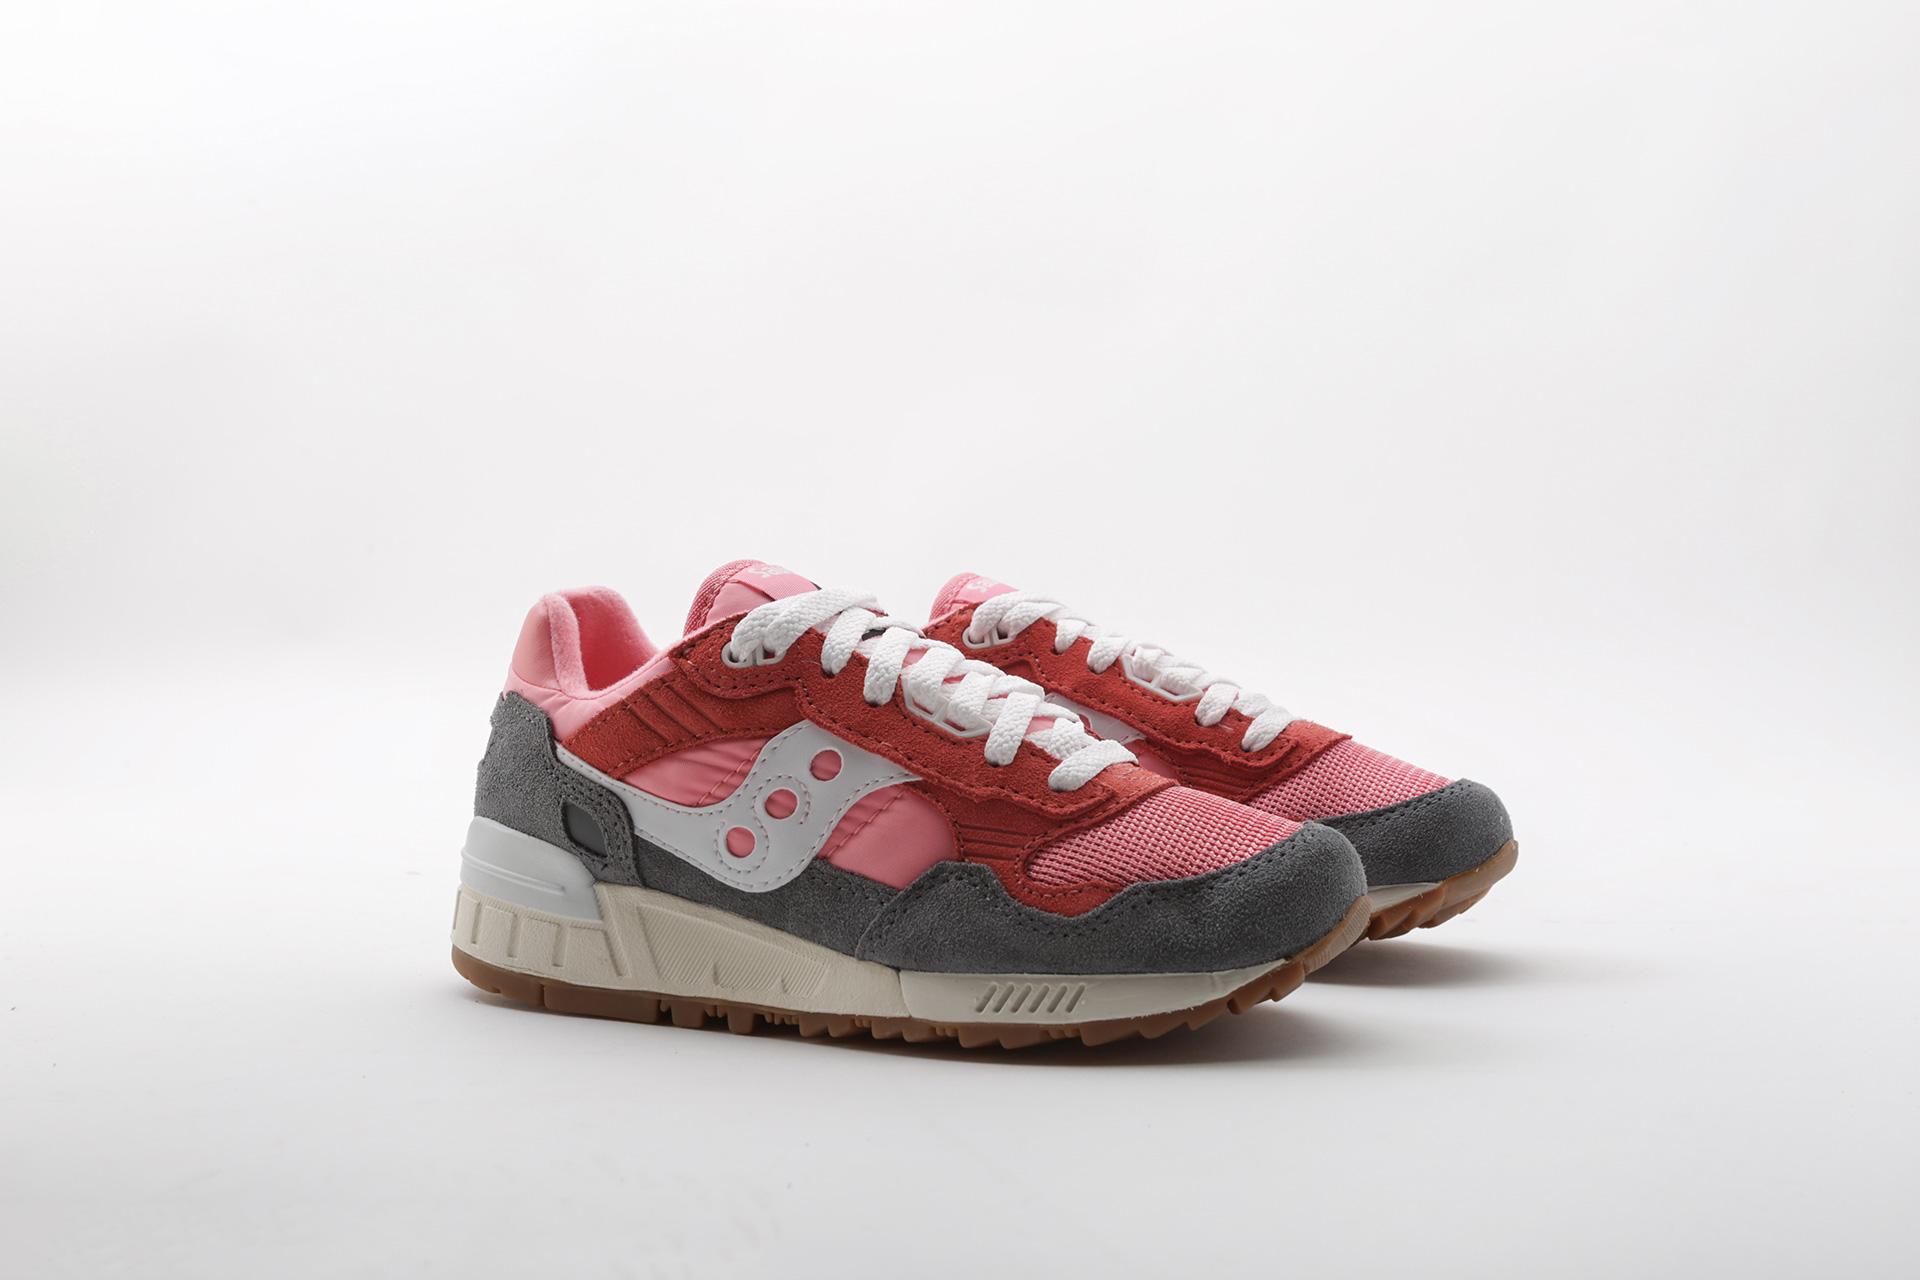 a0c9cffee Распродажа обуви, одежды и аксессуаров по низким ценам в интернет магазине  Sneakerhead